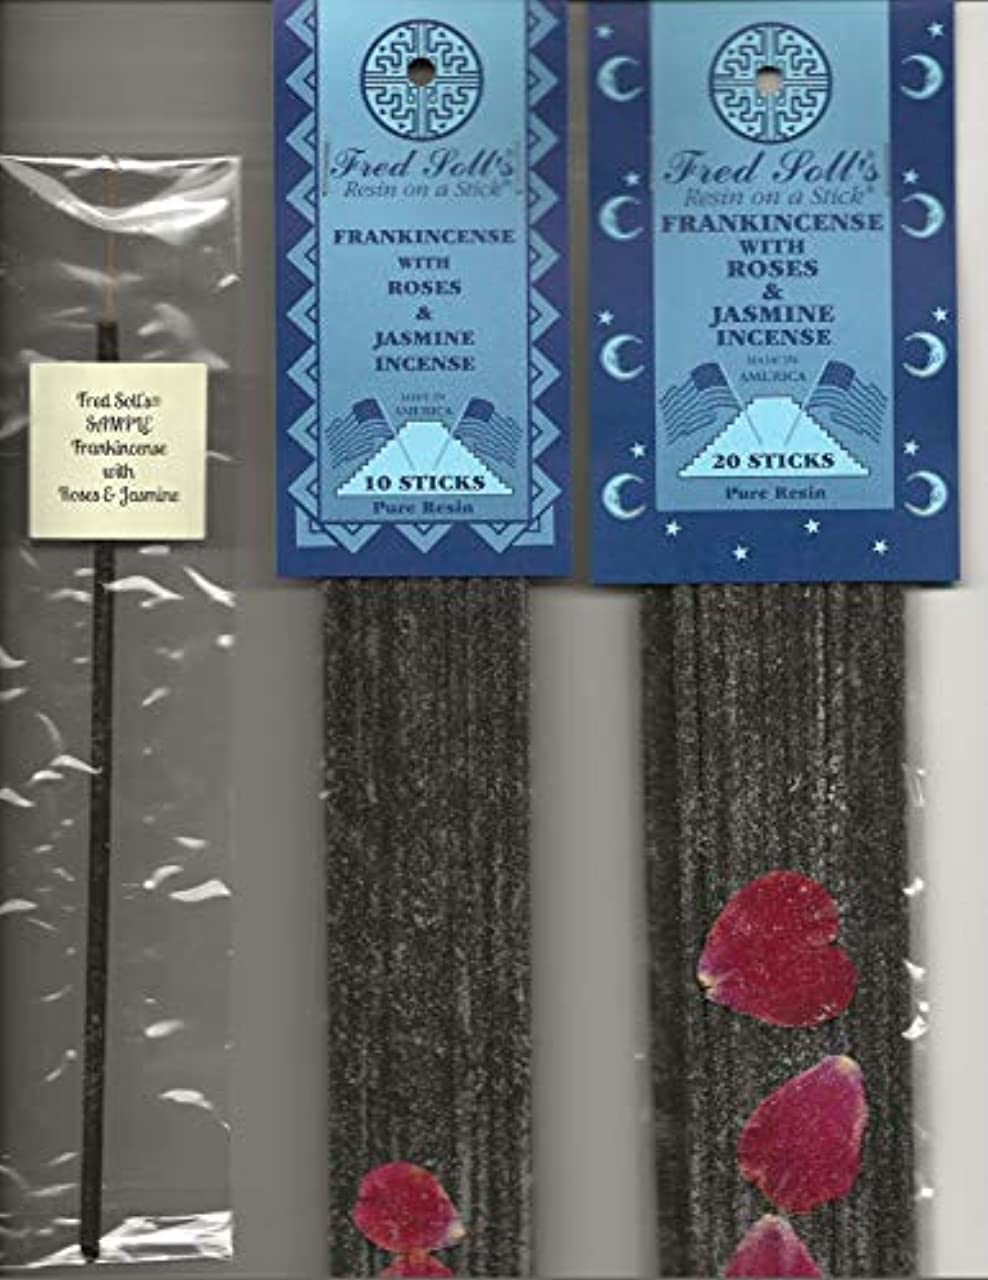 葉っぱ和らげる肺炎Fred Soll 's Frankincense with Roses &ジャスミンお香、20 Sticks